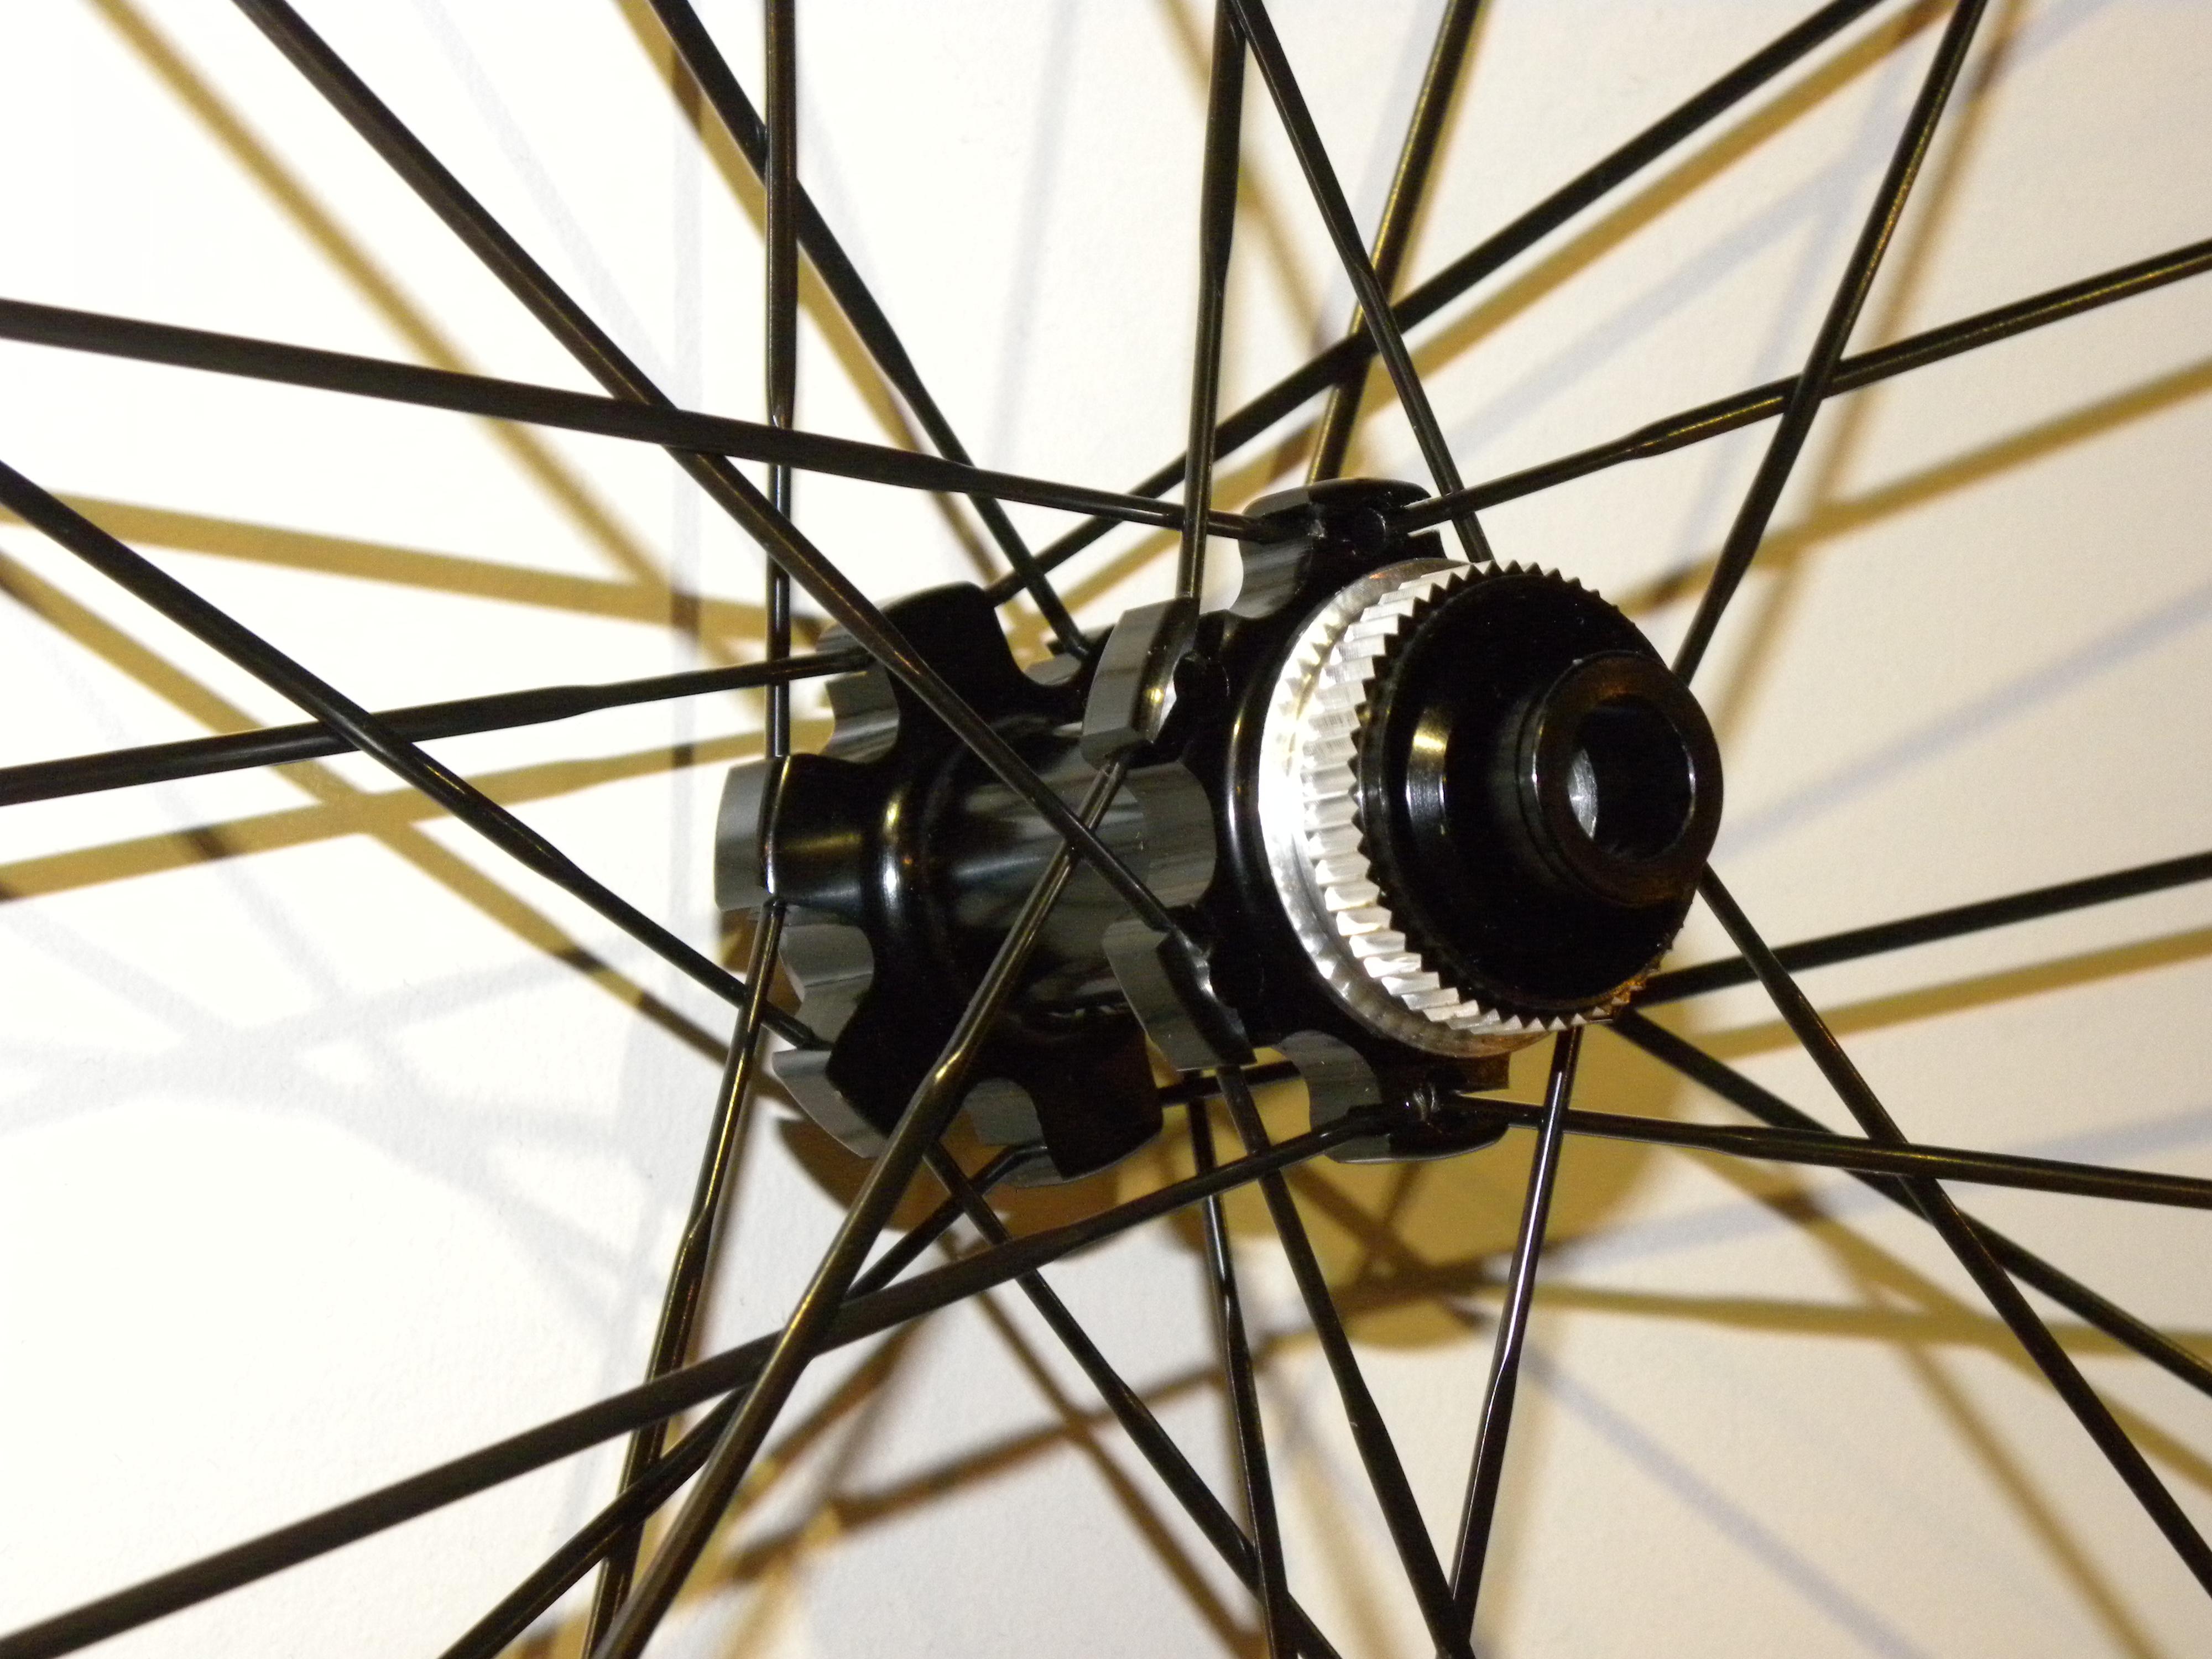 Vueltaのホイールが当店に初入荷!その名もR25 SL DB!